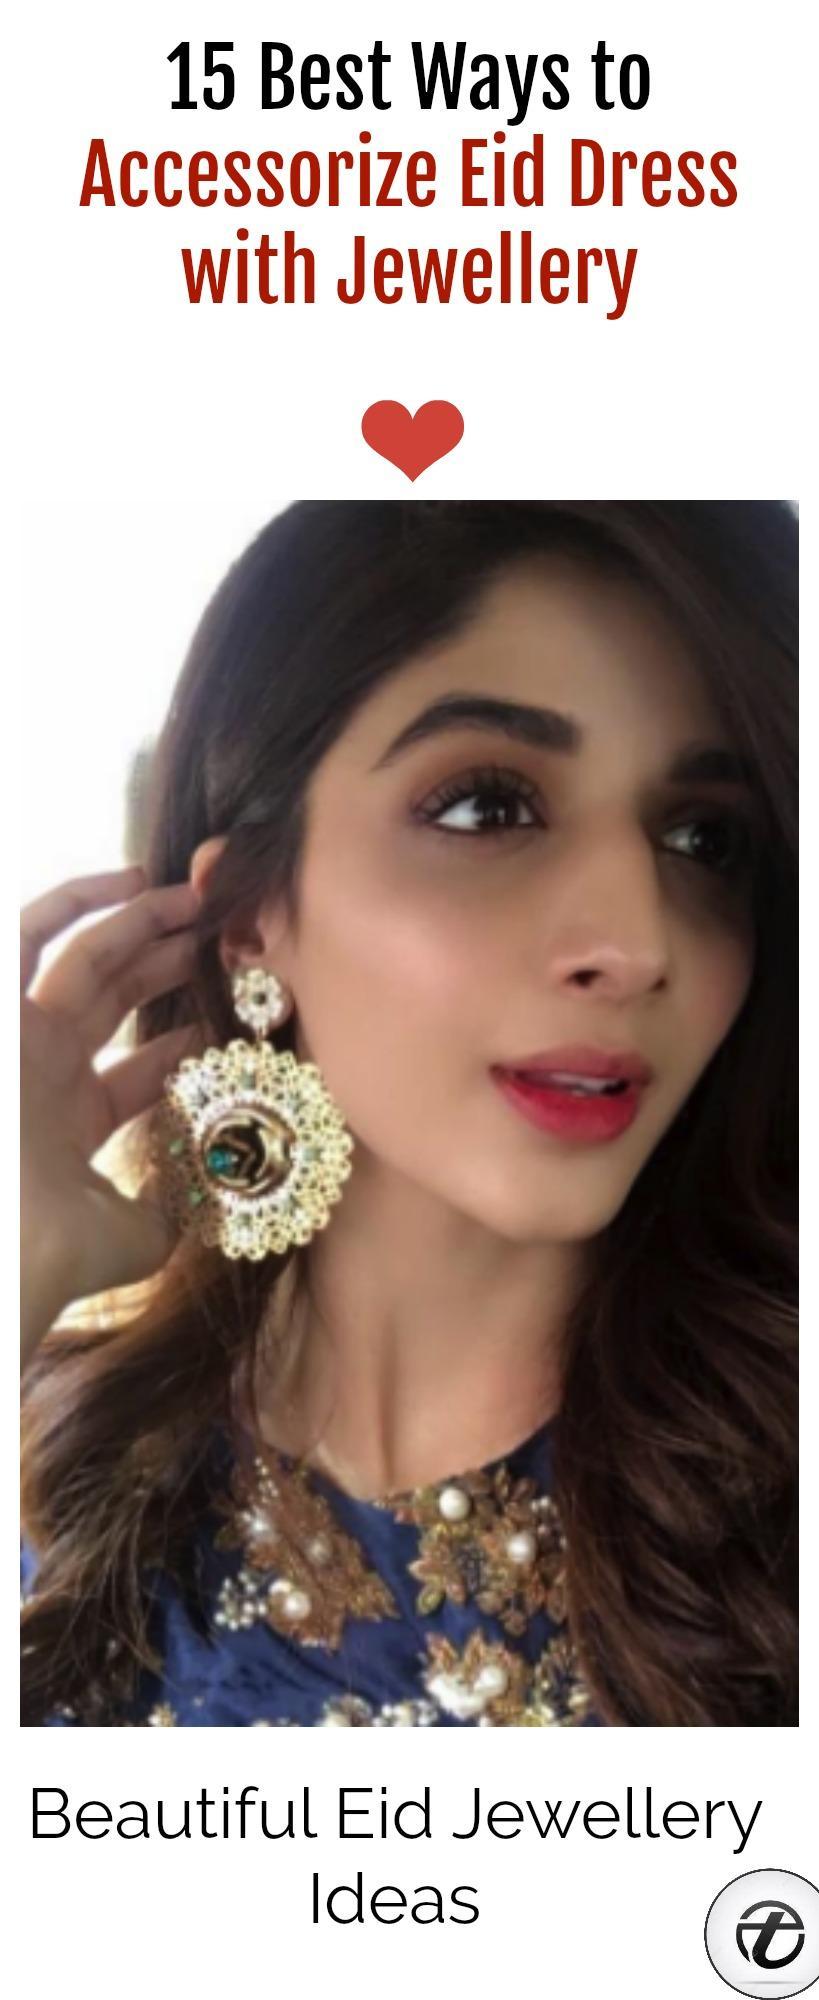 eid jewellery ideas for girls